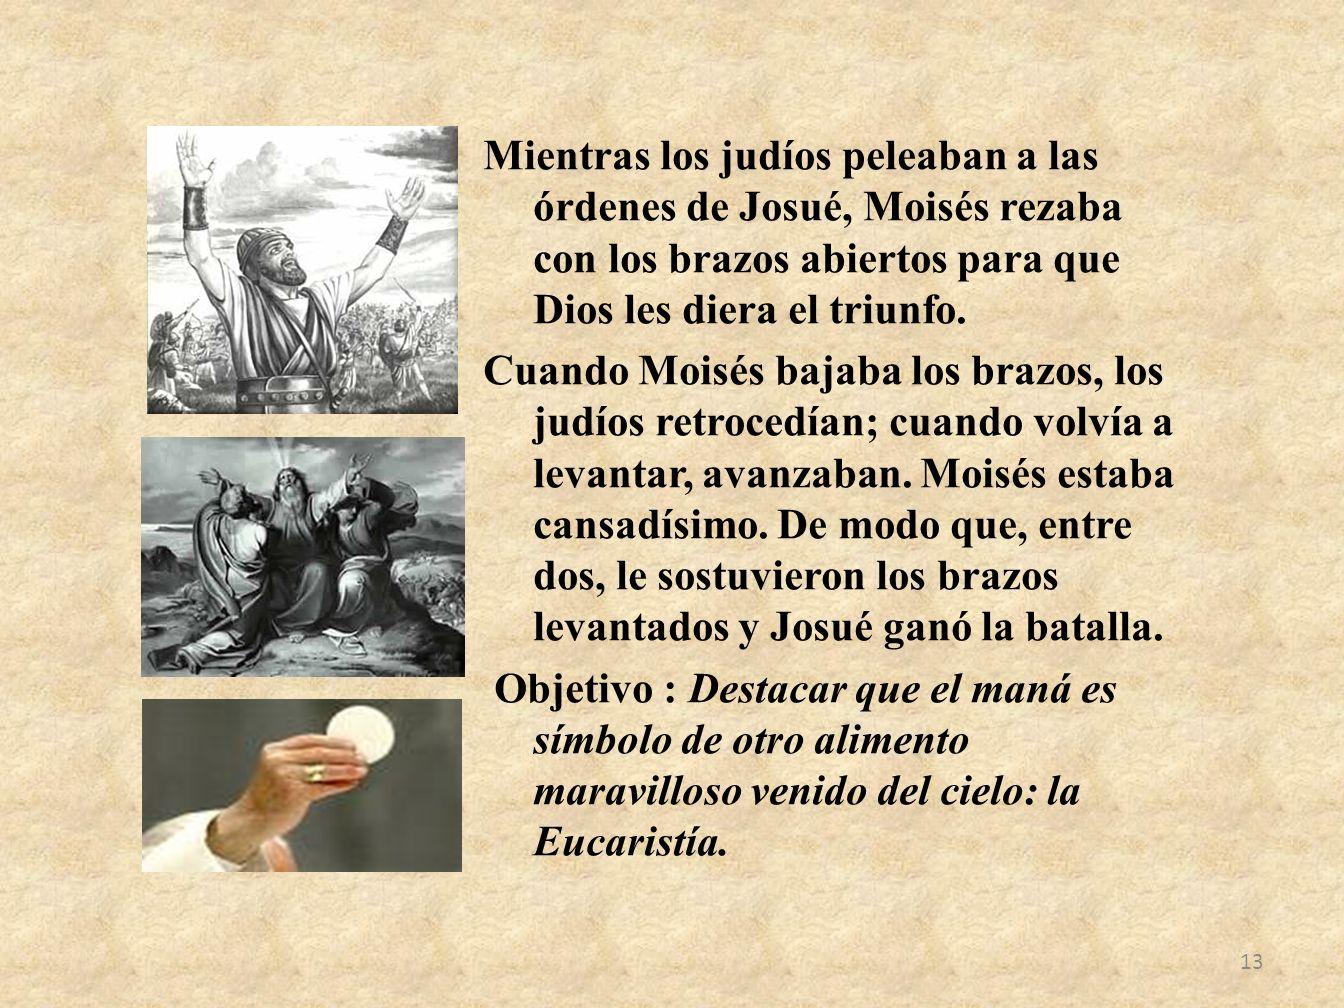 Mientras los judíos peleaban a las órdenes de Josué, Moisés rezaba con los brazos abiertos para que Dios les diera el triunfo.